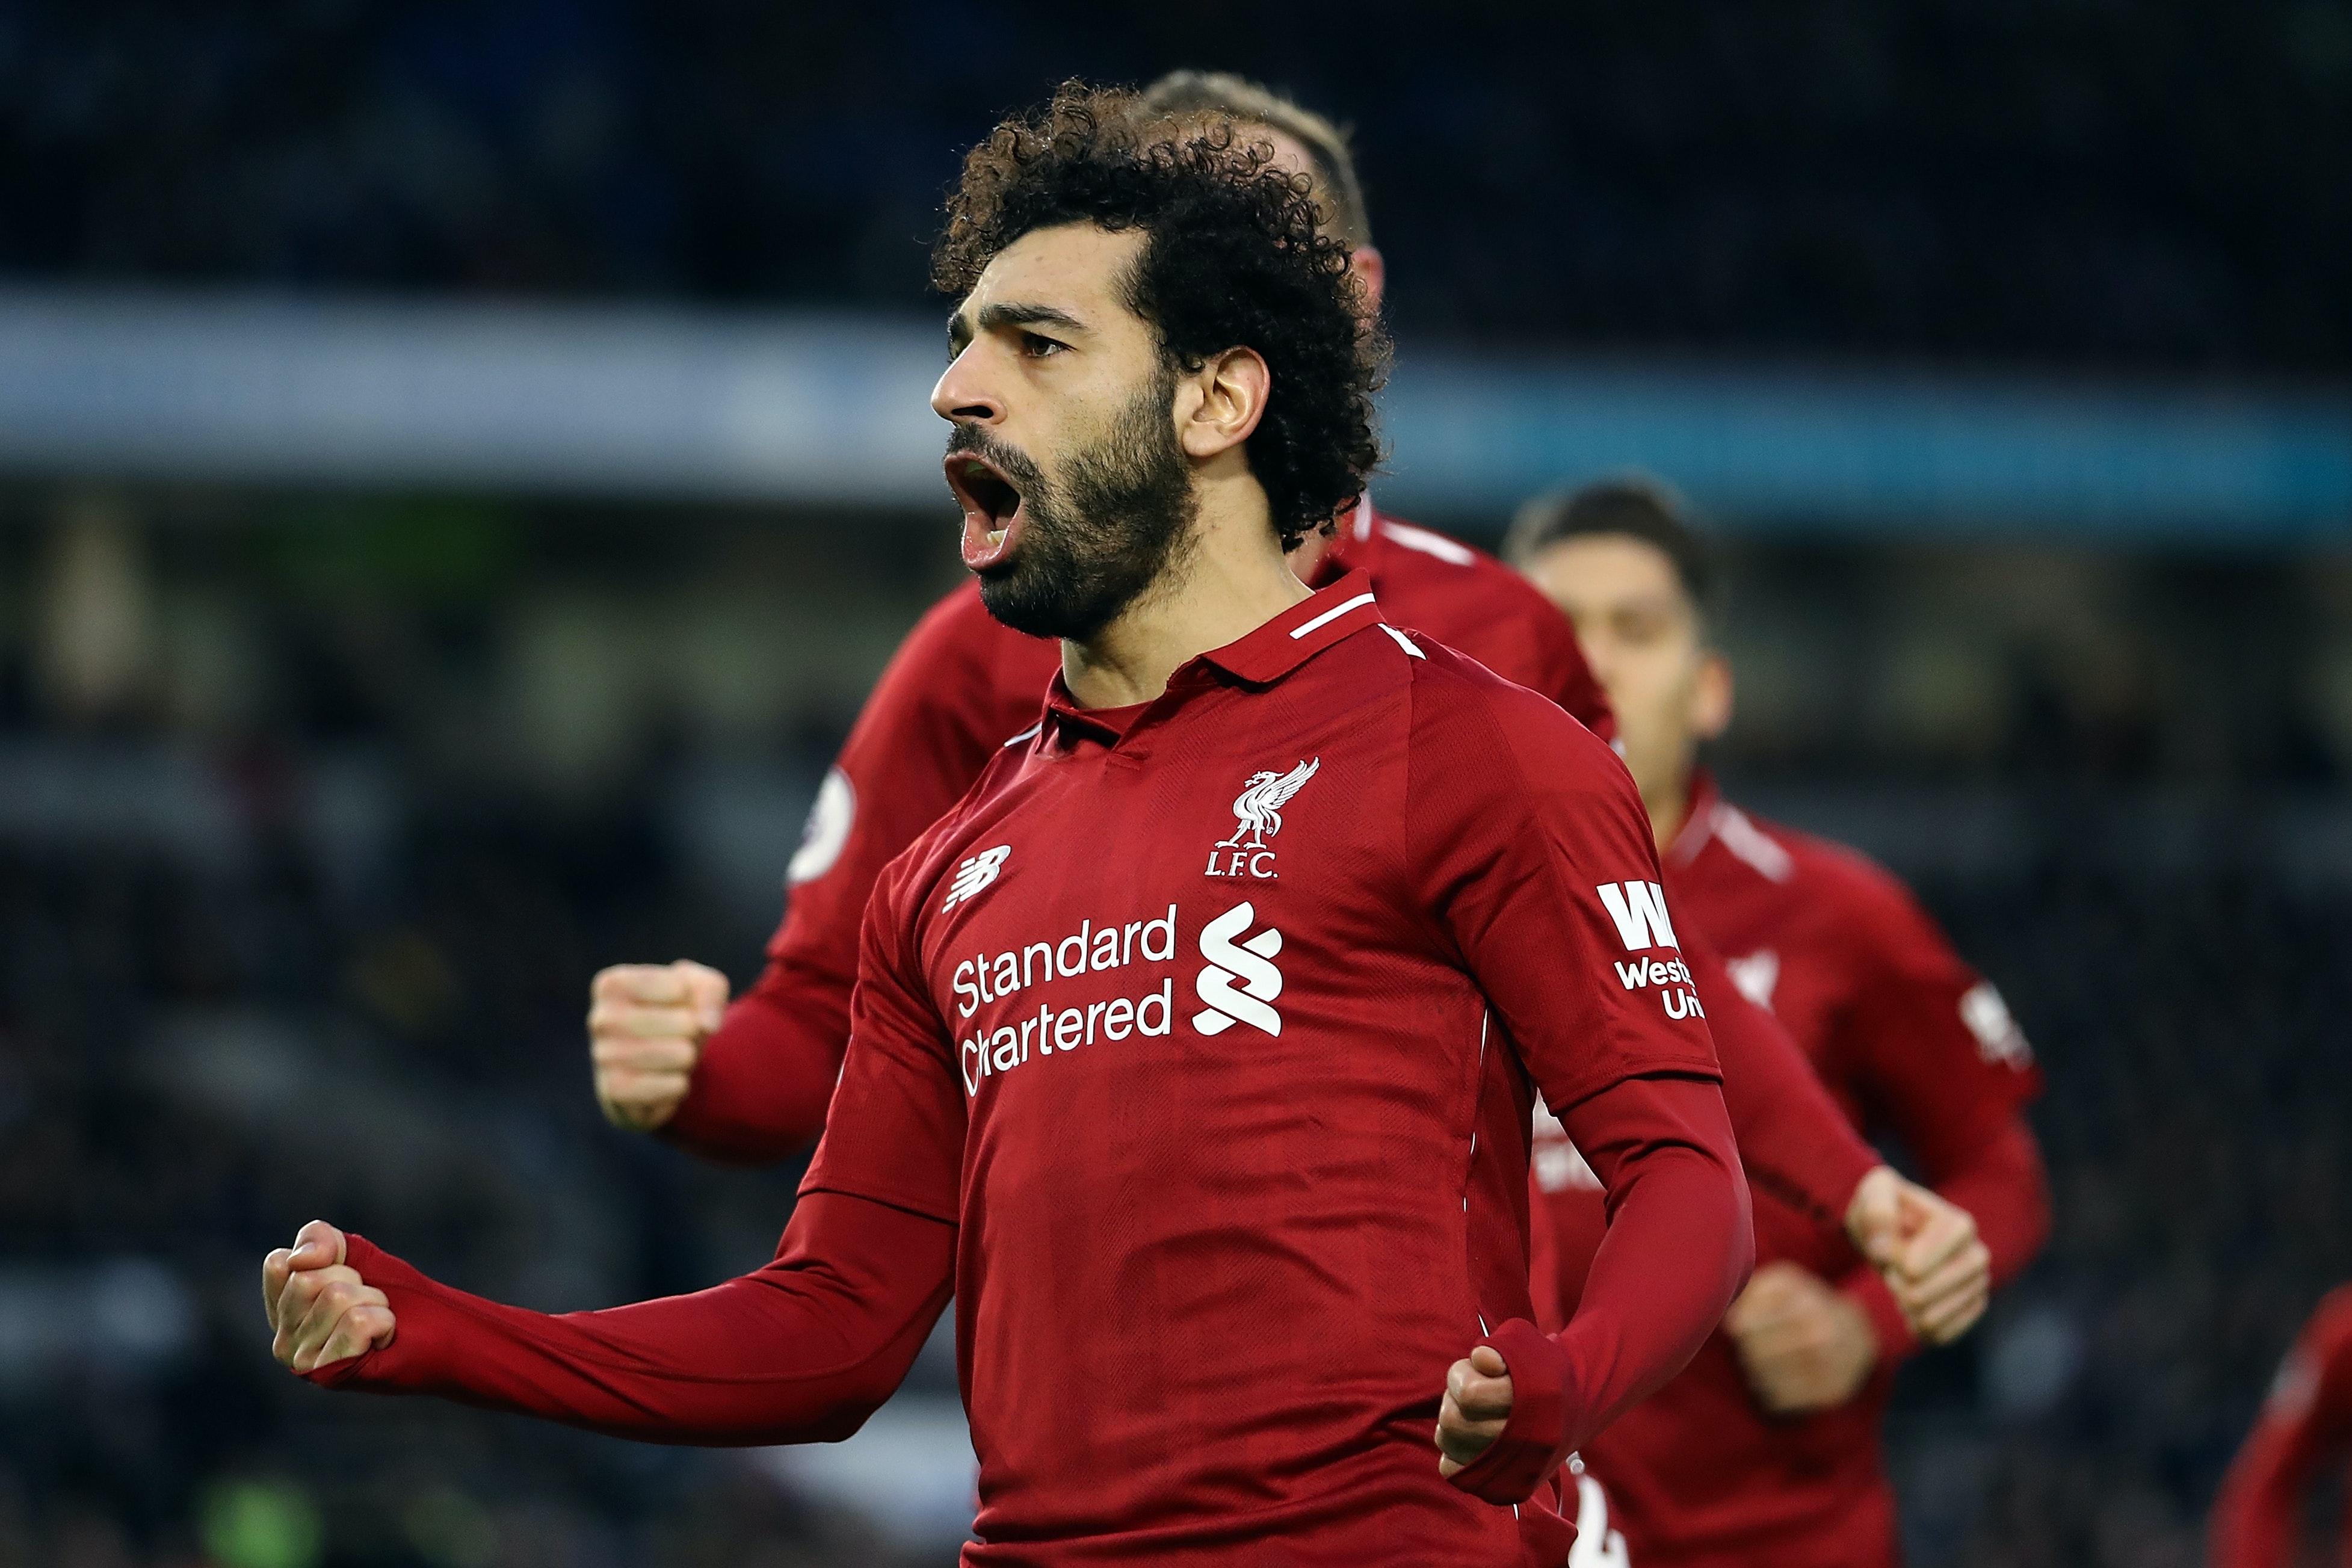 Nå er han favoritt til å bli Premier Leagues toppscorer igjen